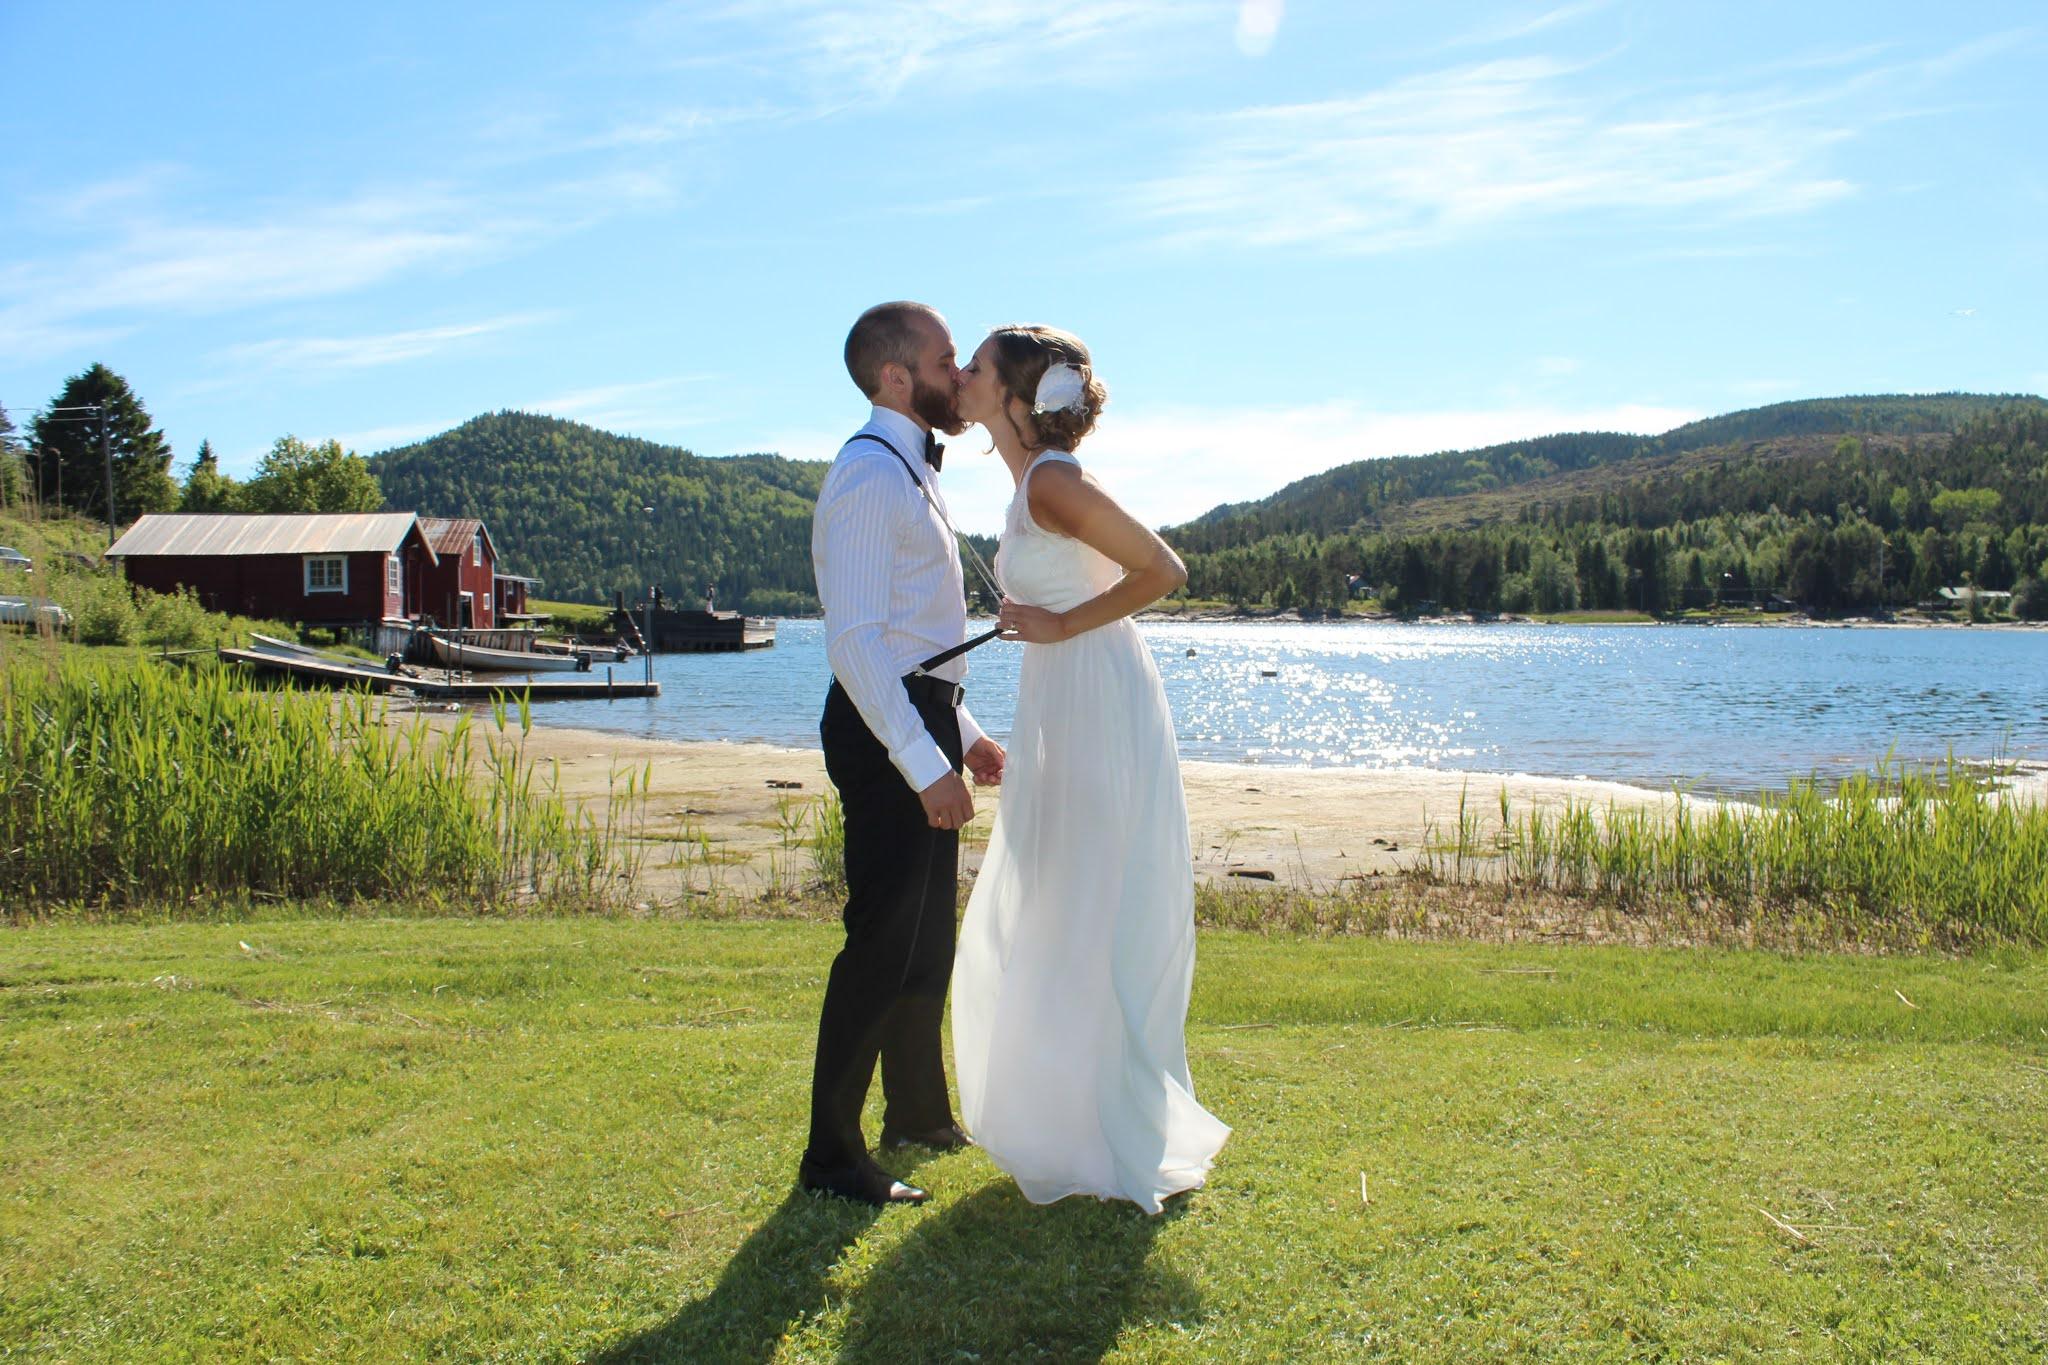 bröllopsfotograf Höga kusten, bröllop, fotograf Maria-Thérèse Sommar, wedding photographer Sweden, www.afiori.com